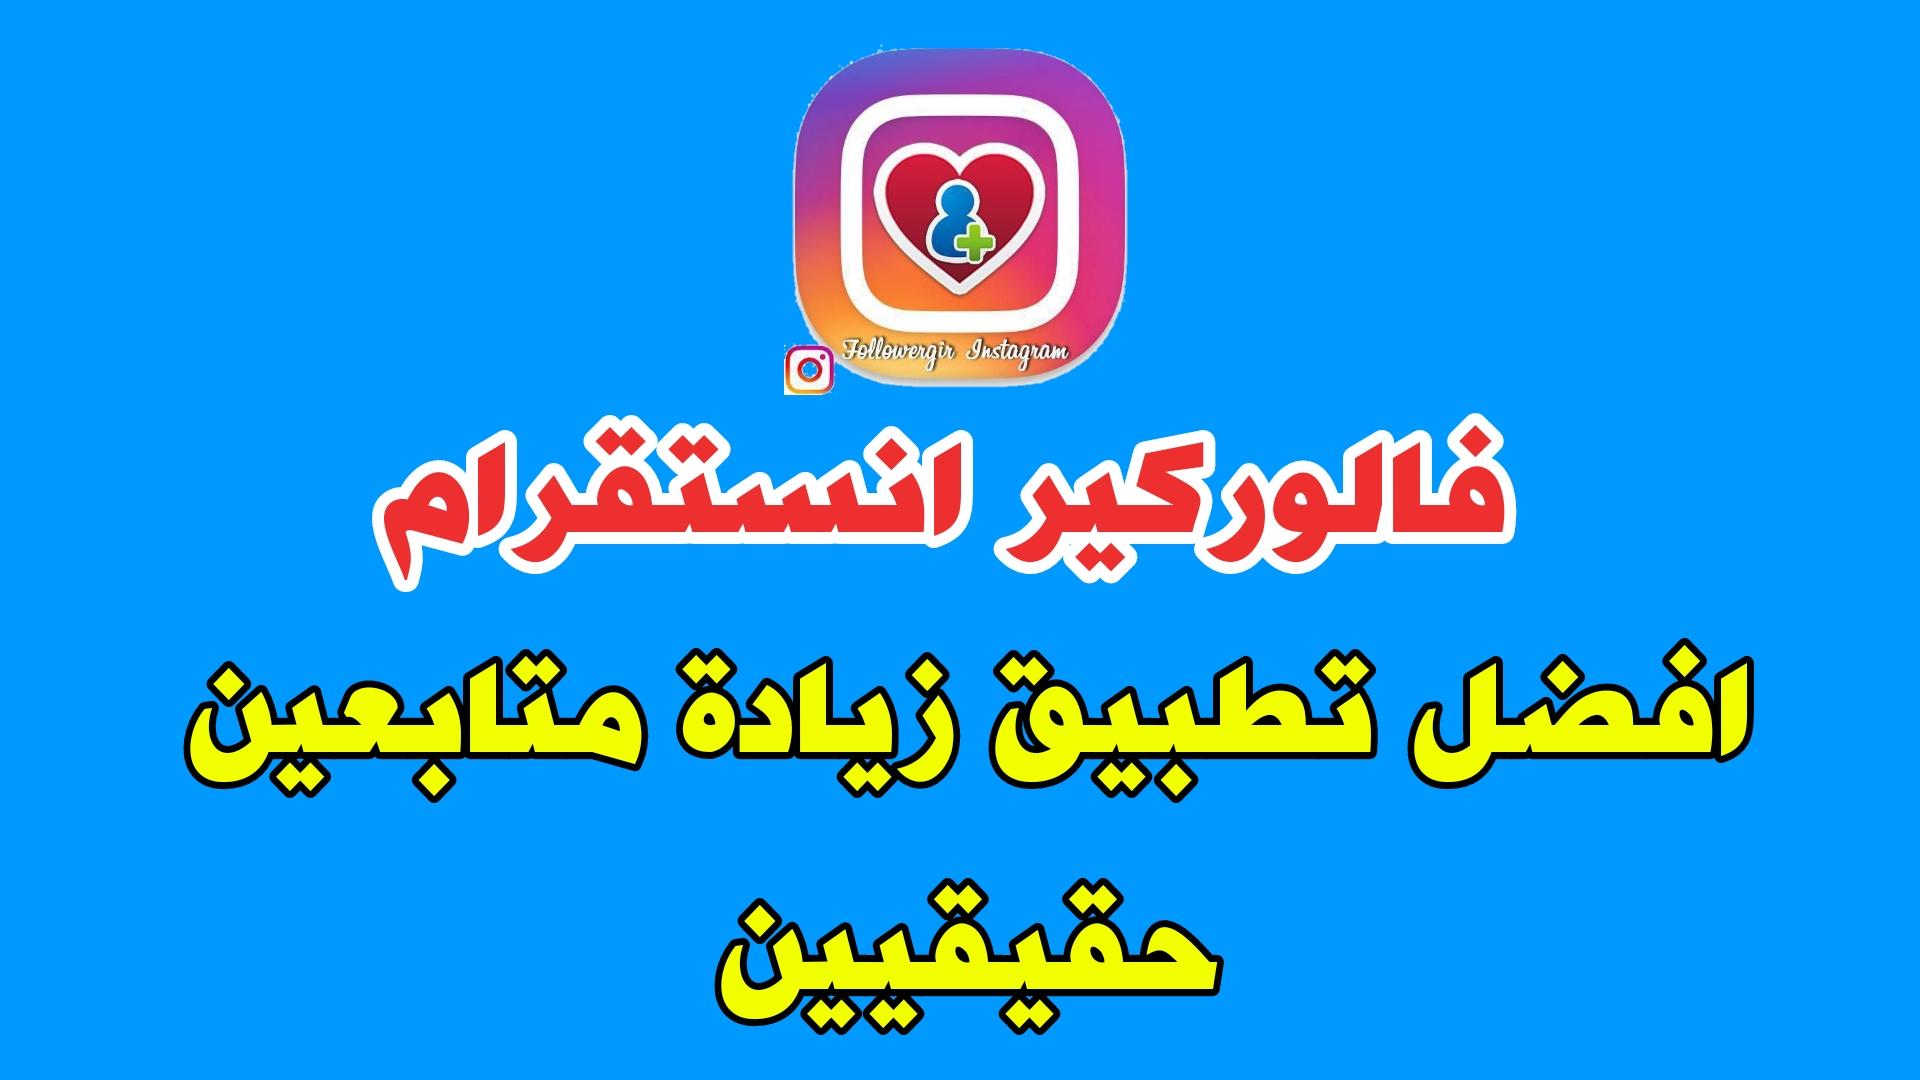 تحميل فالوكير انستقرام احدث اصدار ، افضل تطبيق زيادة متابعين followergir Instagram